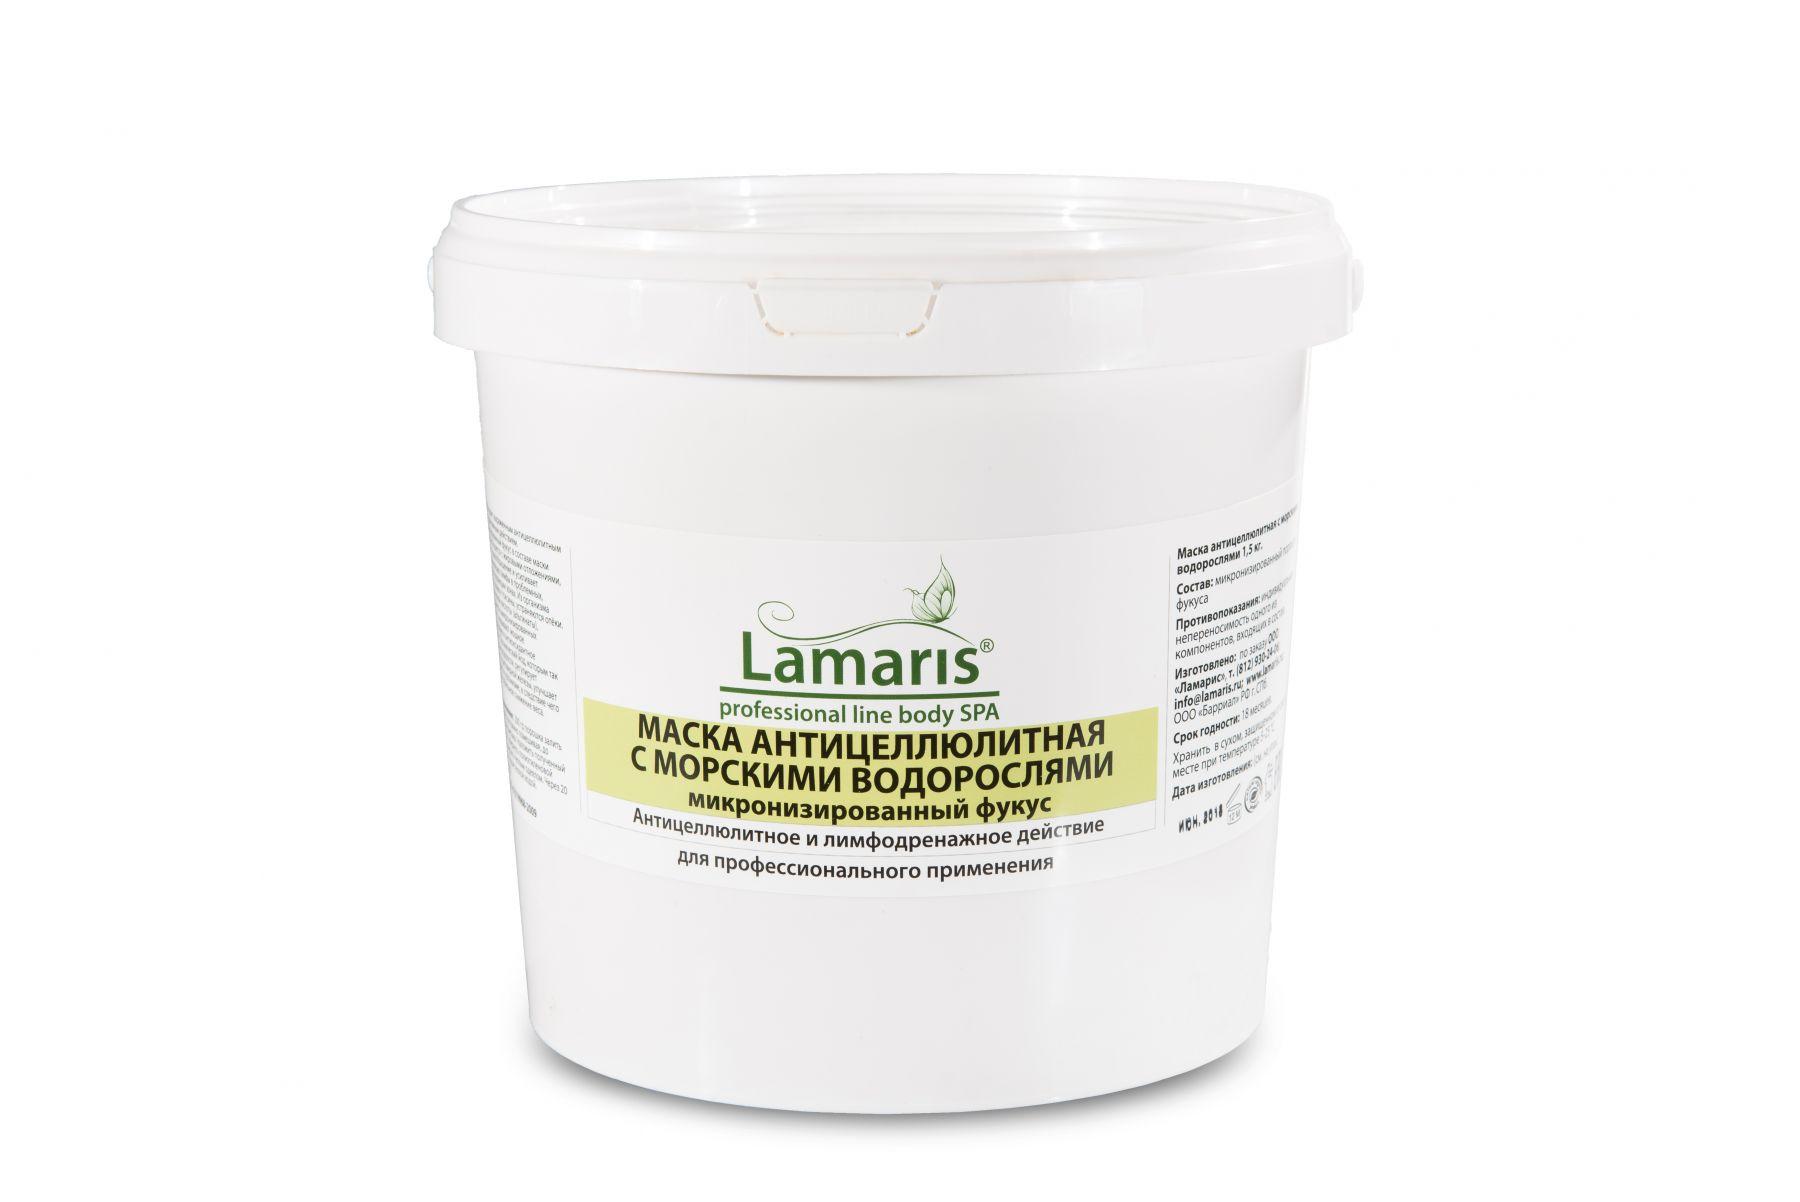 Антицеллюлитная маска Lamaris Микронизированный фукус – 100, 200, 300, 400, 500, 1500 г